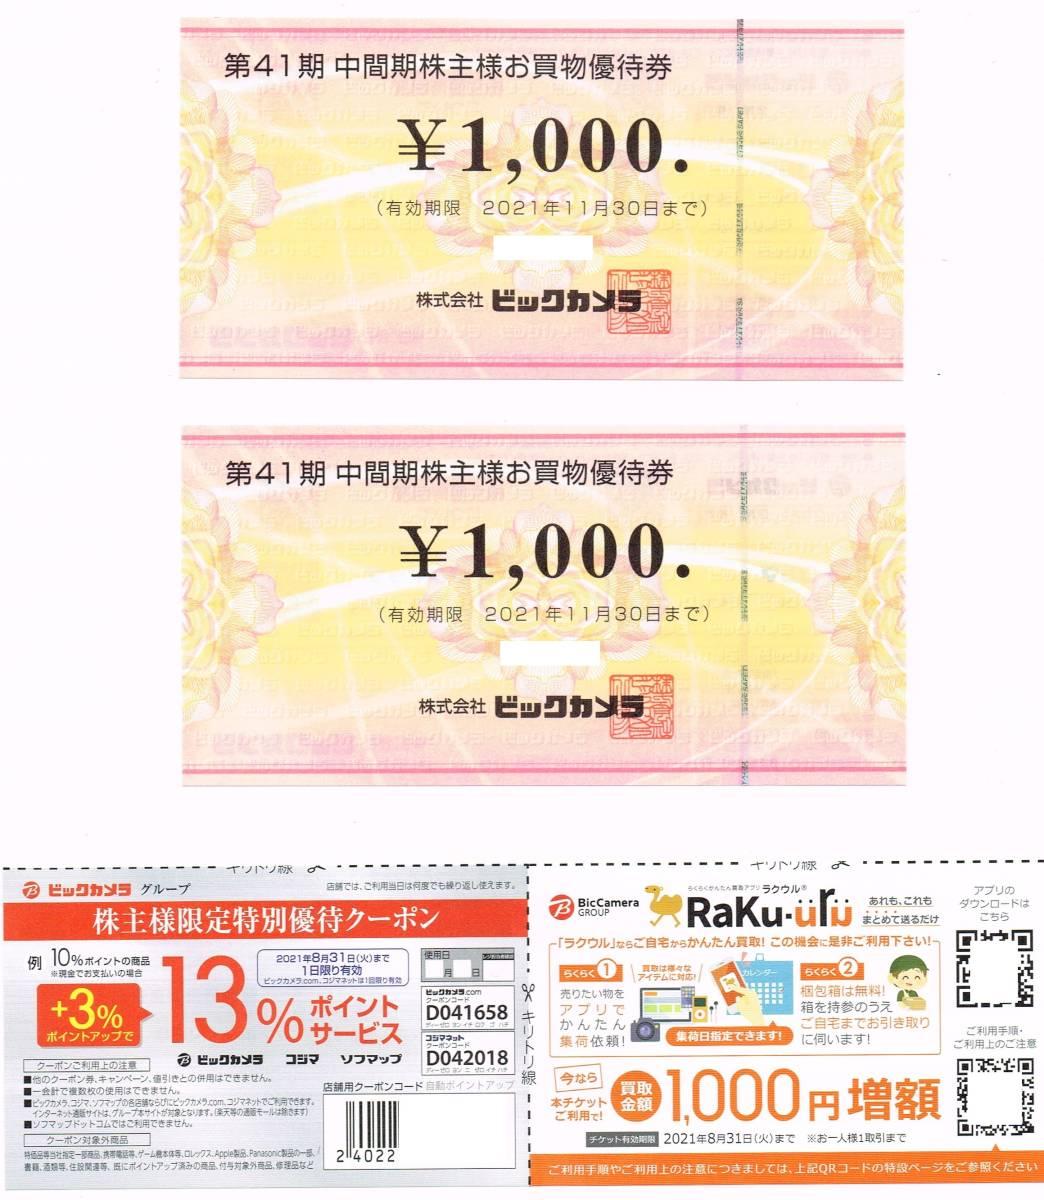 ◆ ビックカメラ 株主優待券 2,000円 (有効期限 2021/11/30まで) 普通郵便 送料込_画像1